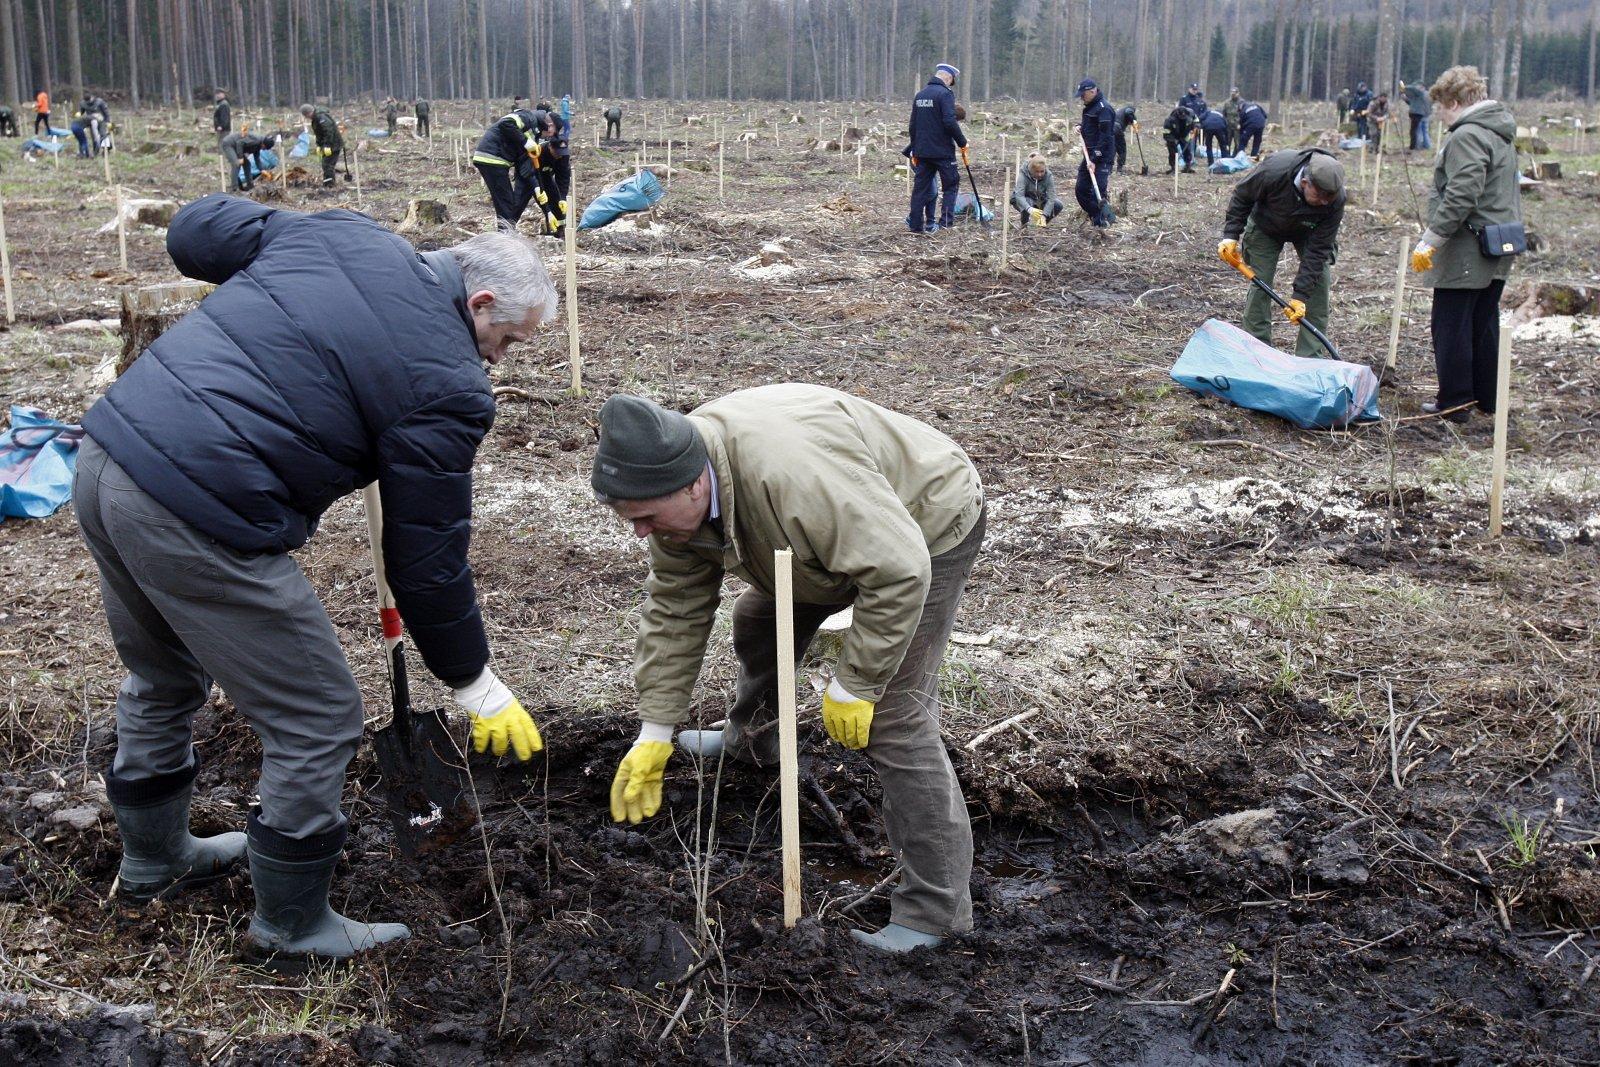 Akcja sadzenia drzew w Puszczy Białowieskiej